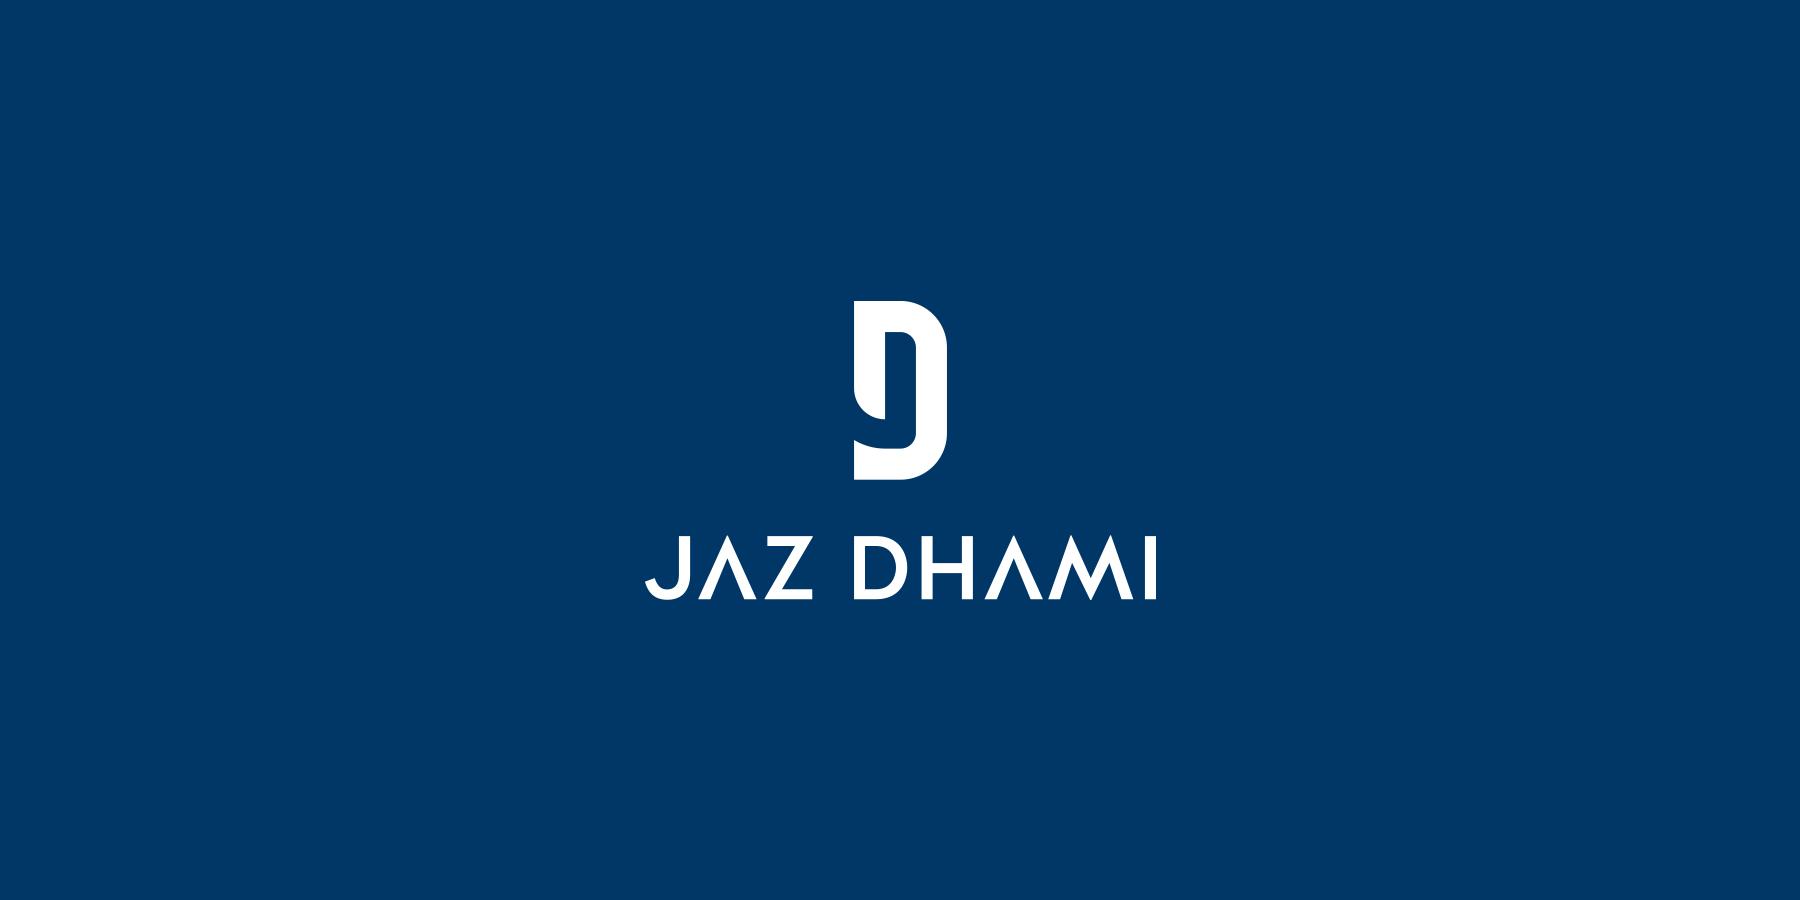 jaz-dhami-logo-design-01